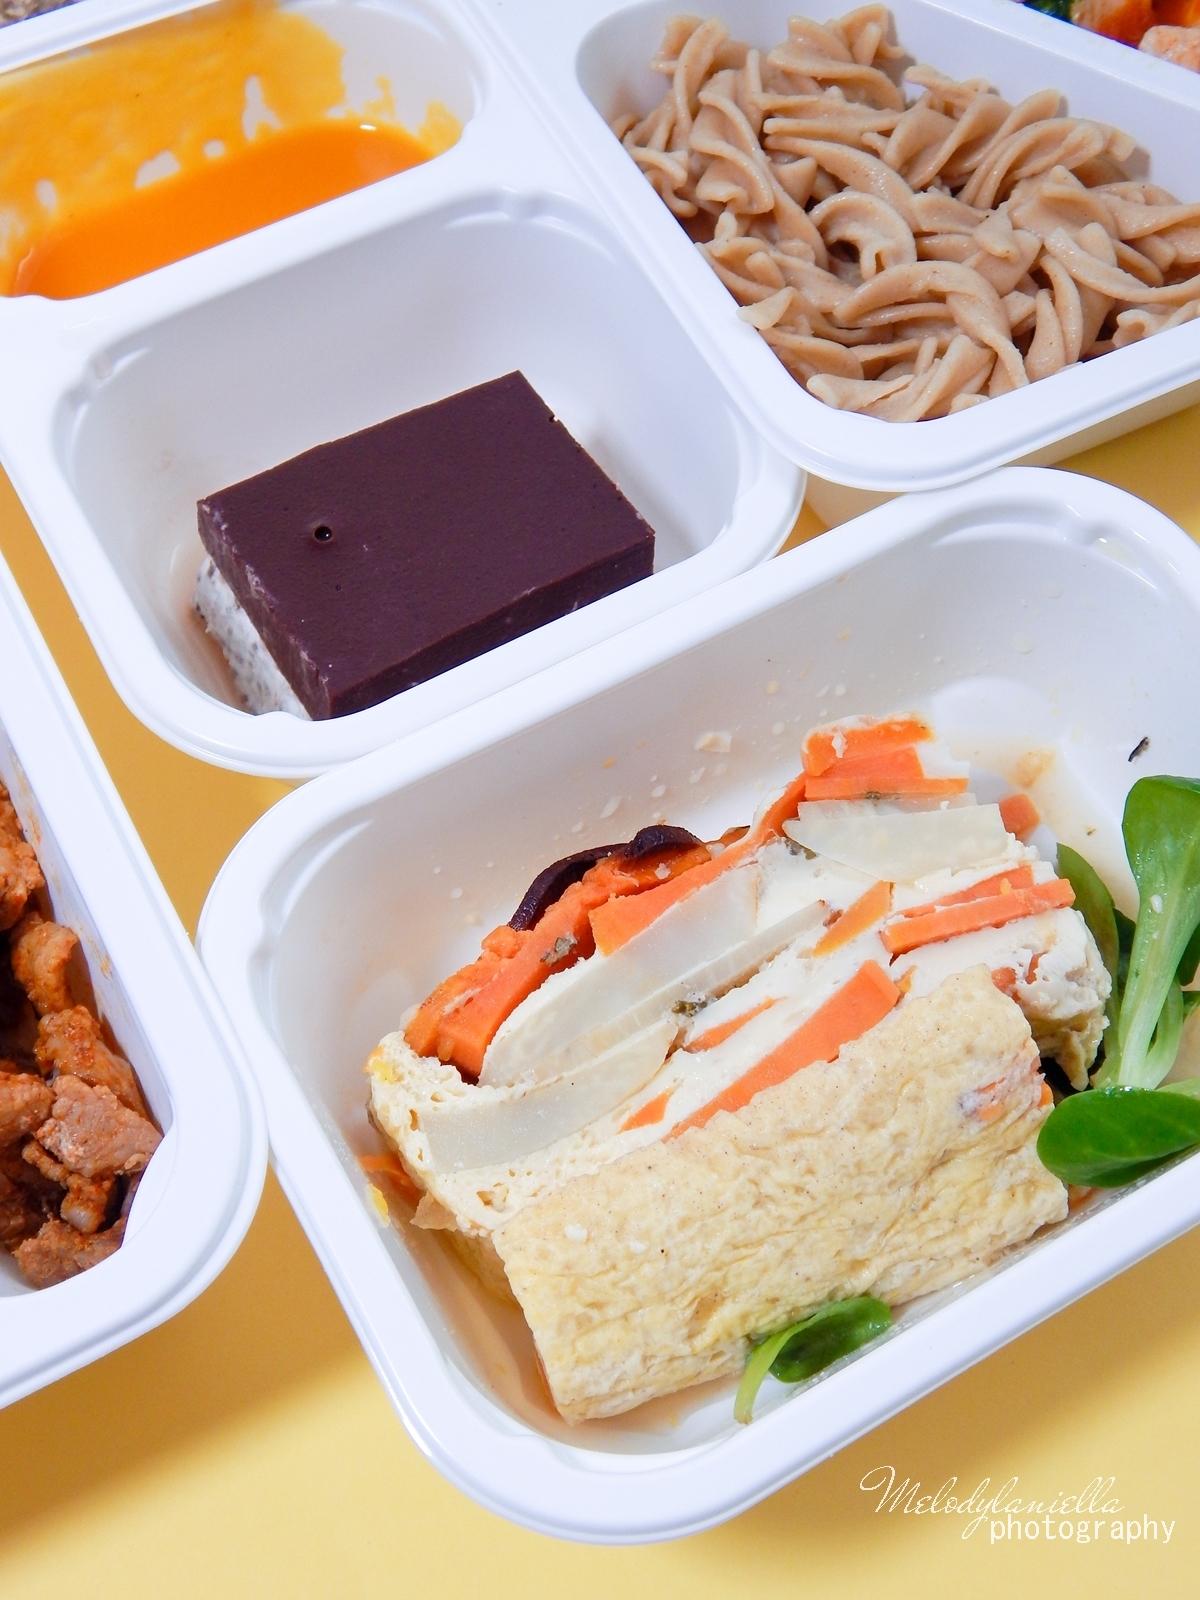 014 cateromarket dieta pudełkowa catering dietetyczny dieta jak przejść na dietę catering z dowozem do domu dieta kalorie melodylaniella dieta na cały dzień jedzenie na cały dzień catering do domu